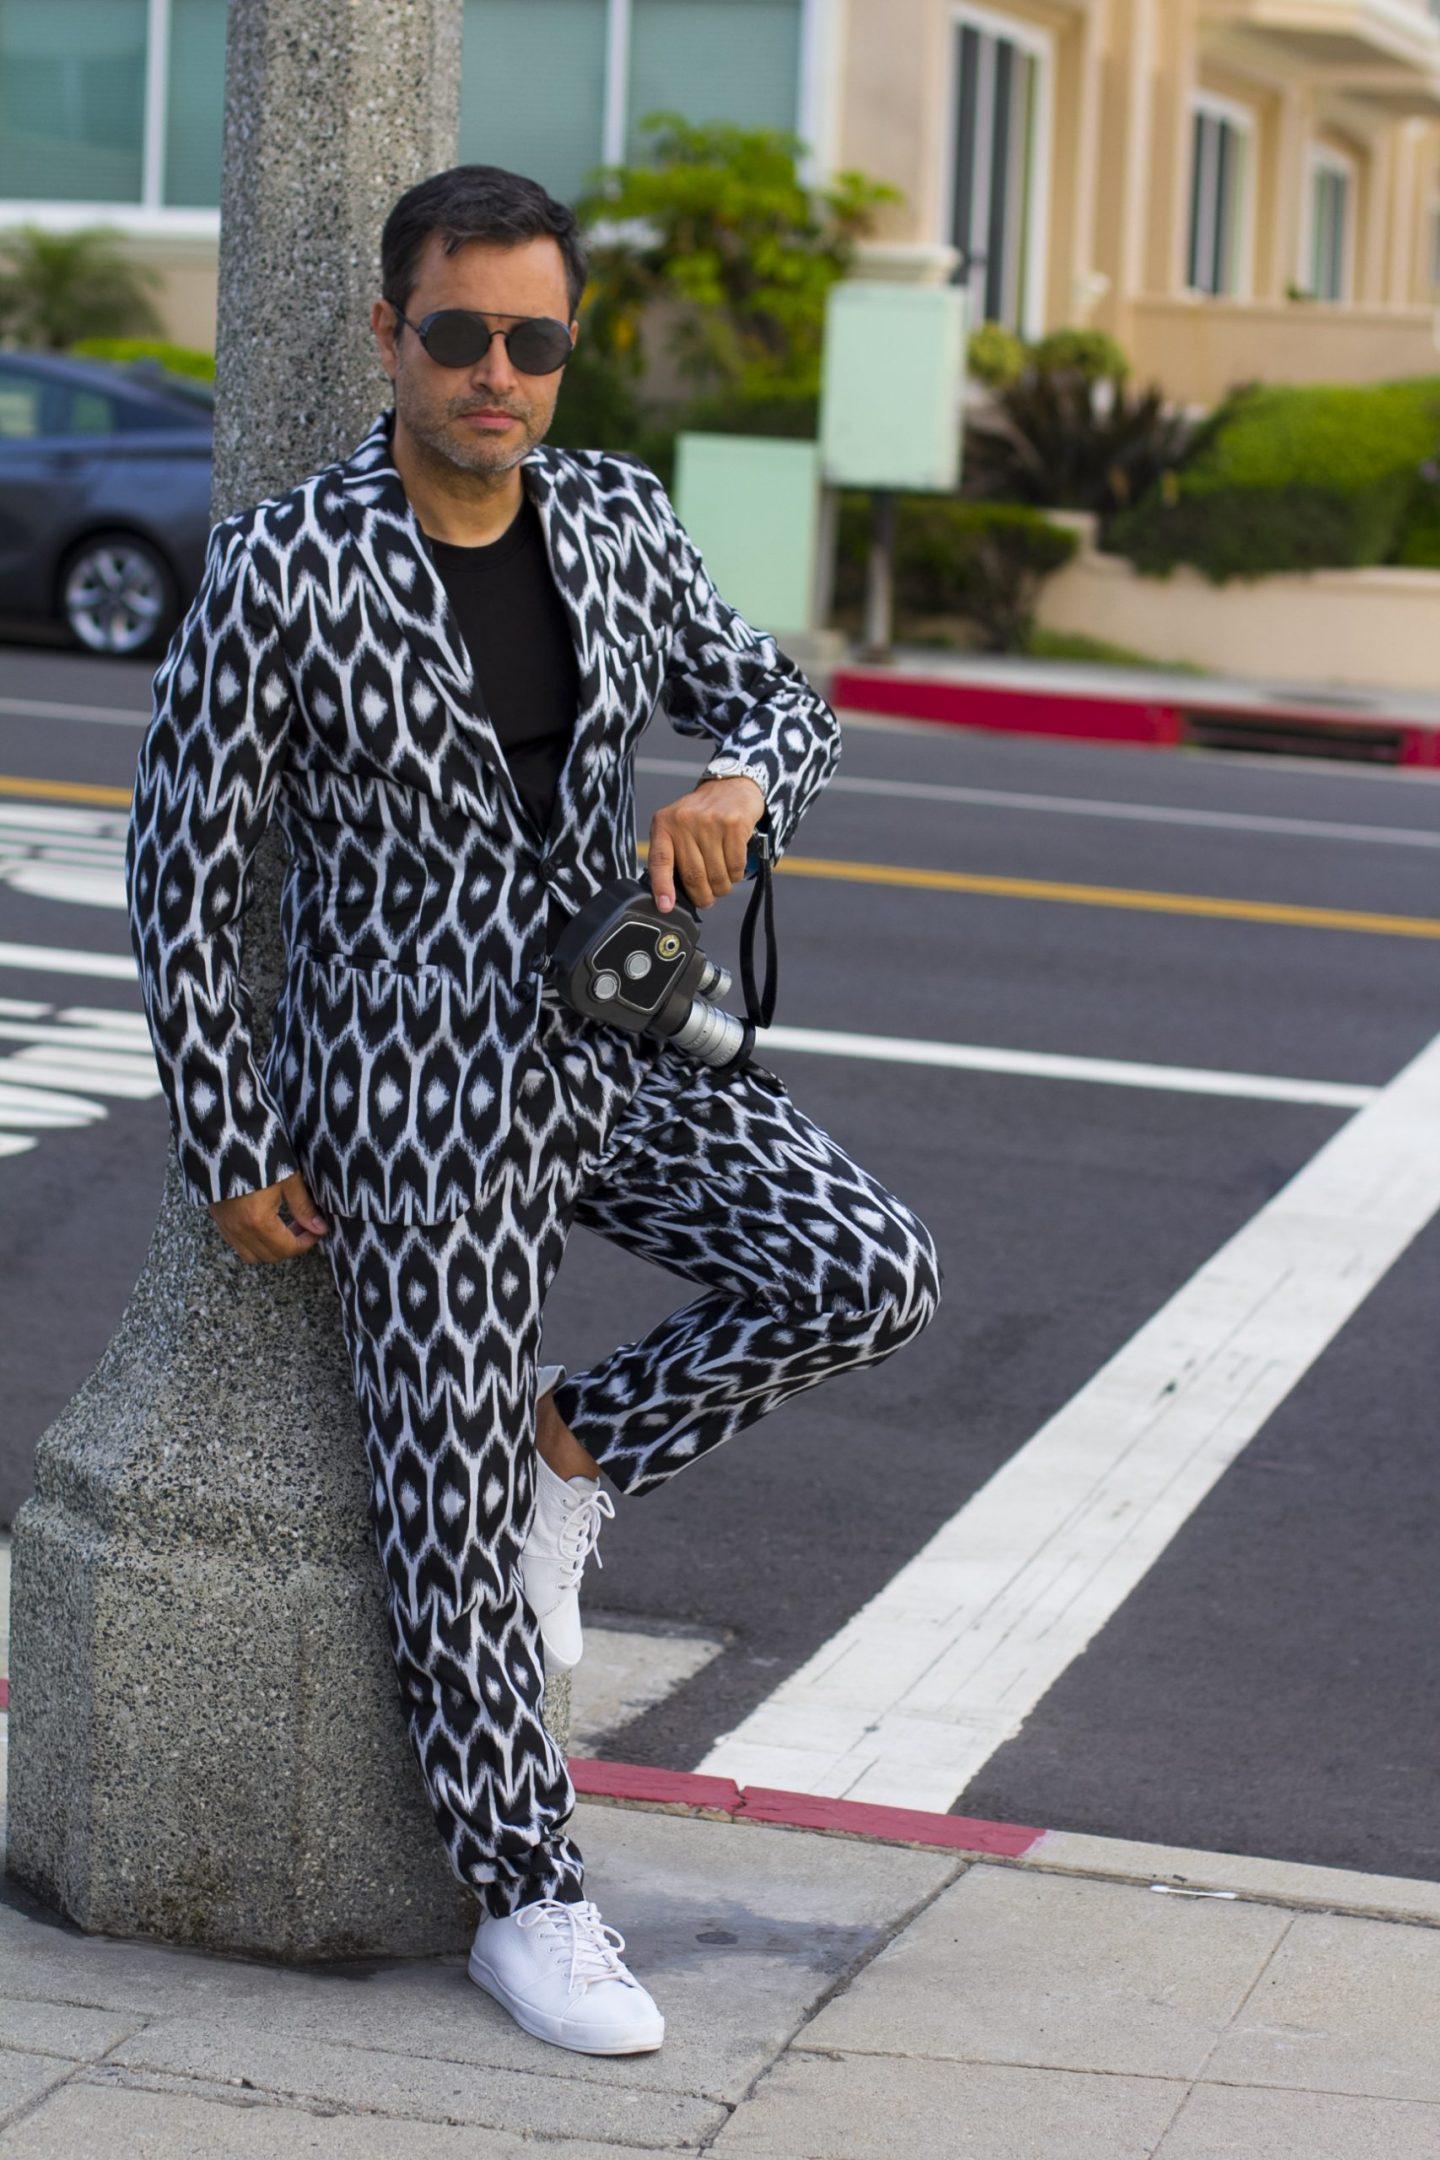 Mr. Turk men's suit how to wear it